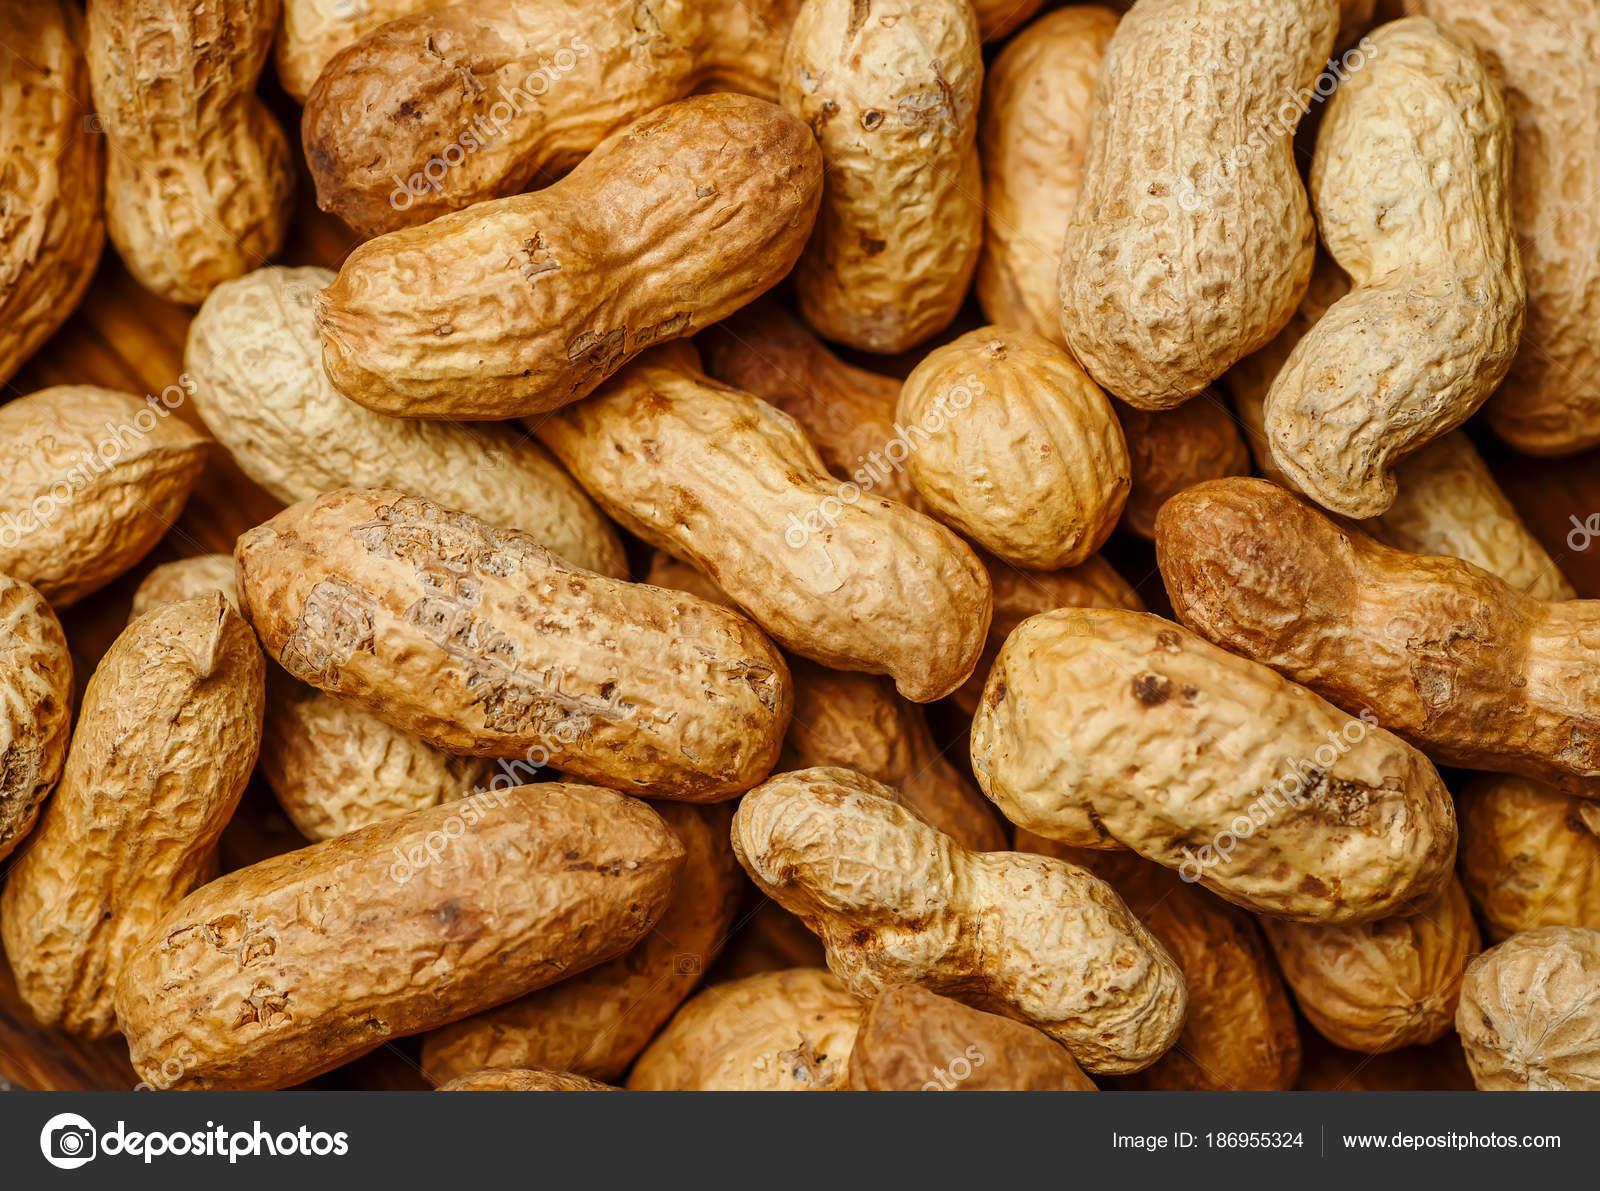 arachide en une texture de la coque. fond de nourriture d'arachides